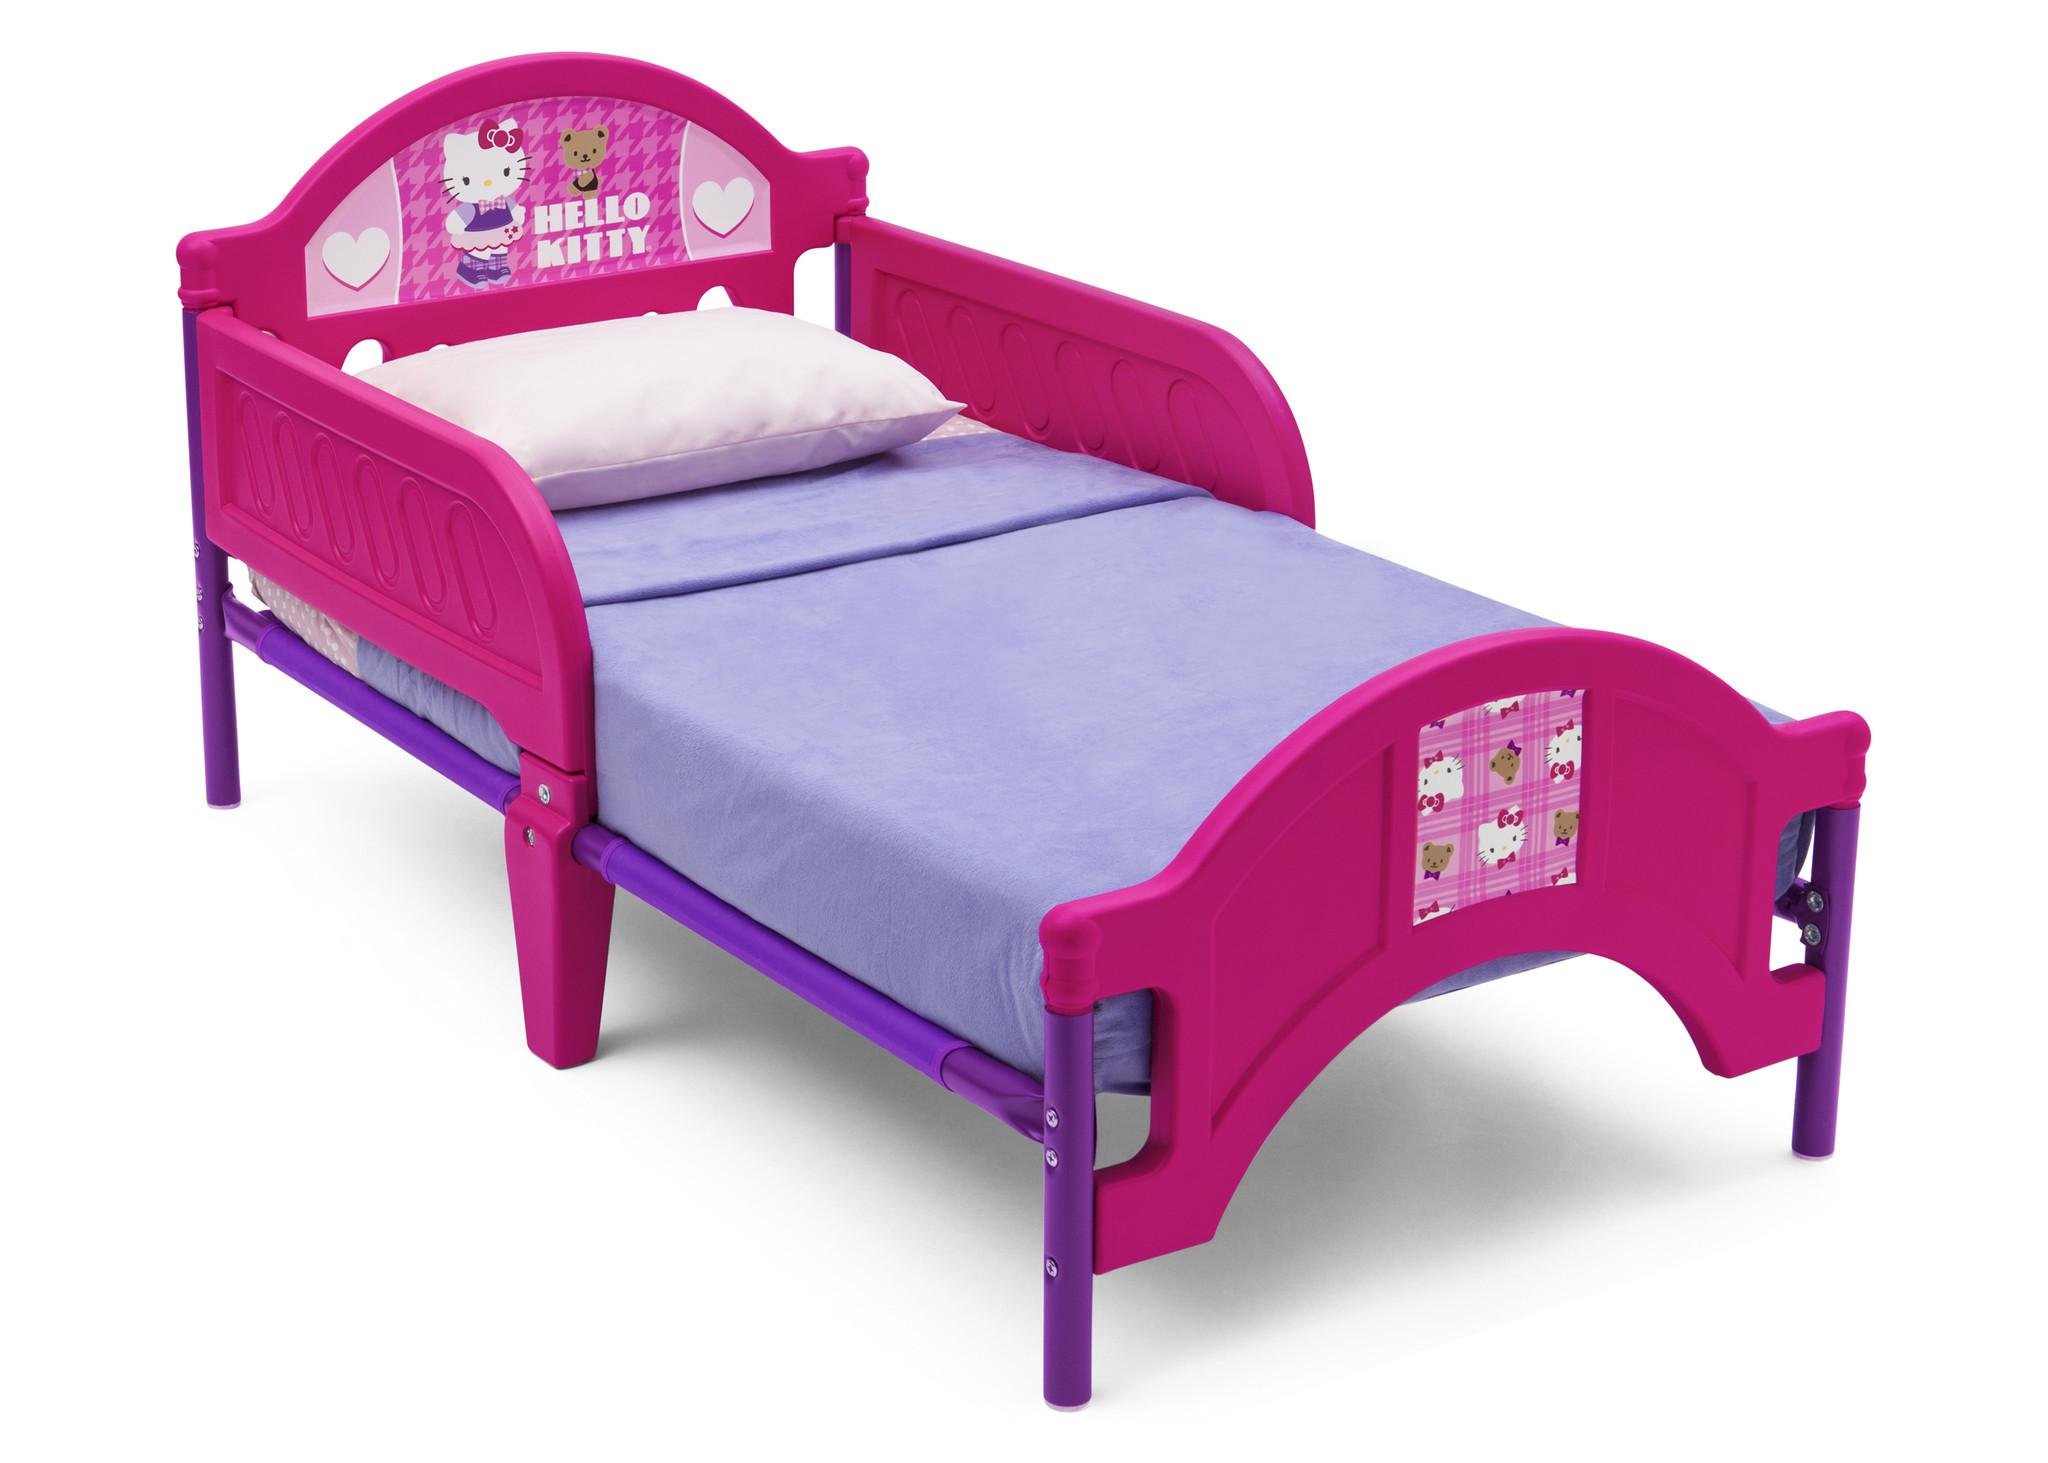 Delta Toddler Bed Plastic